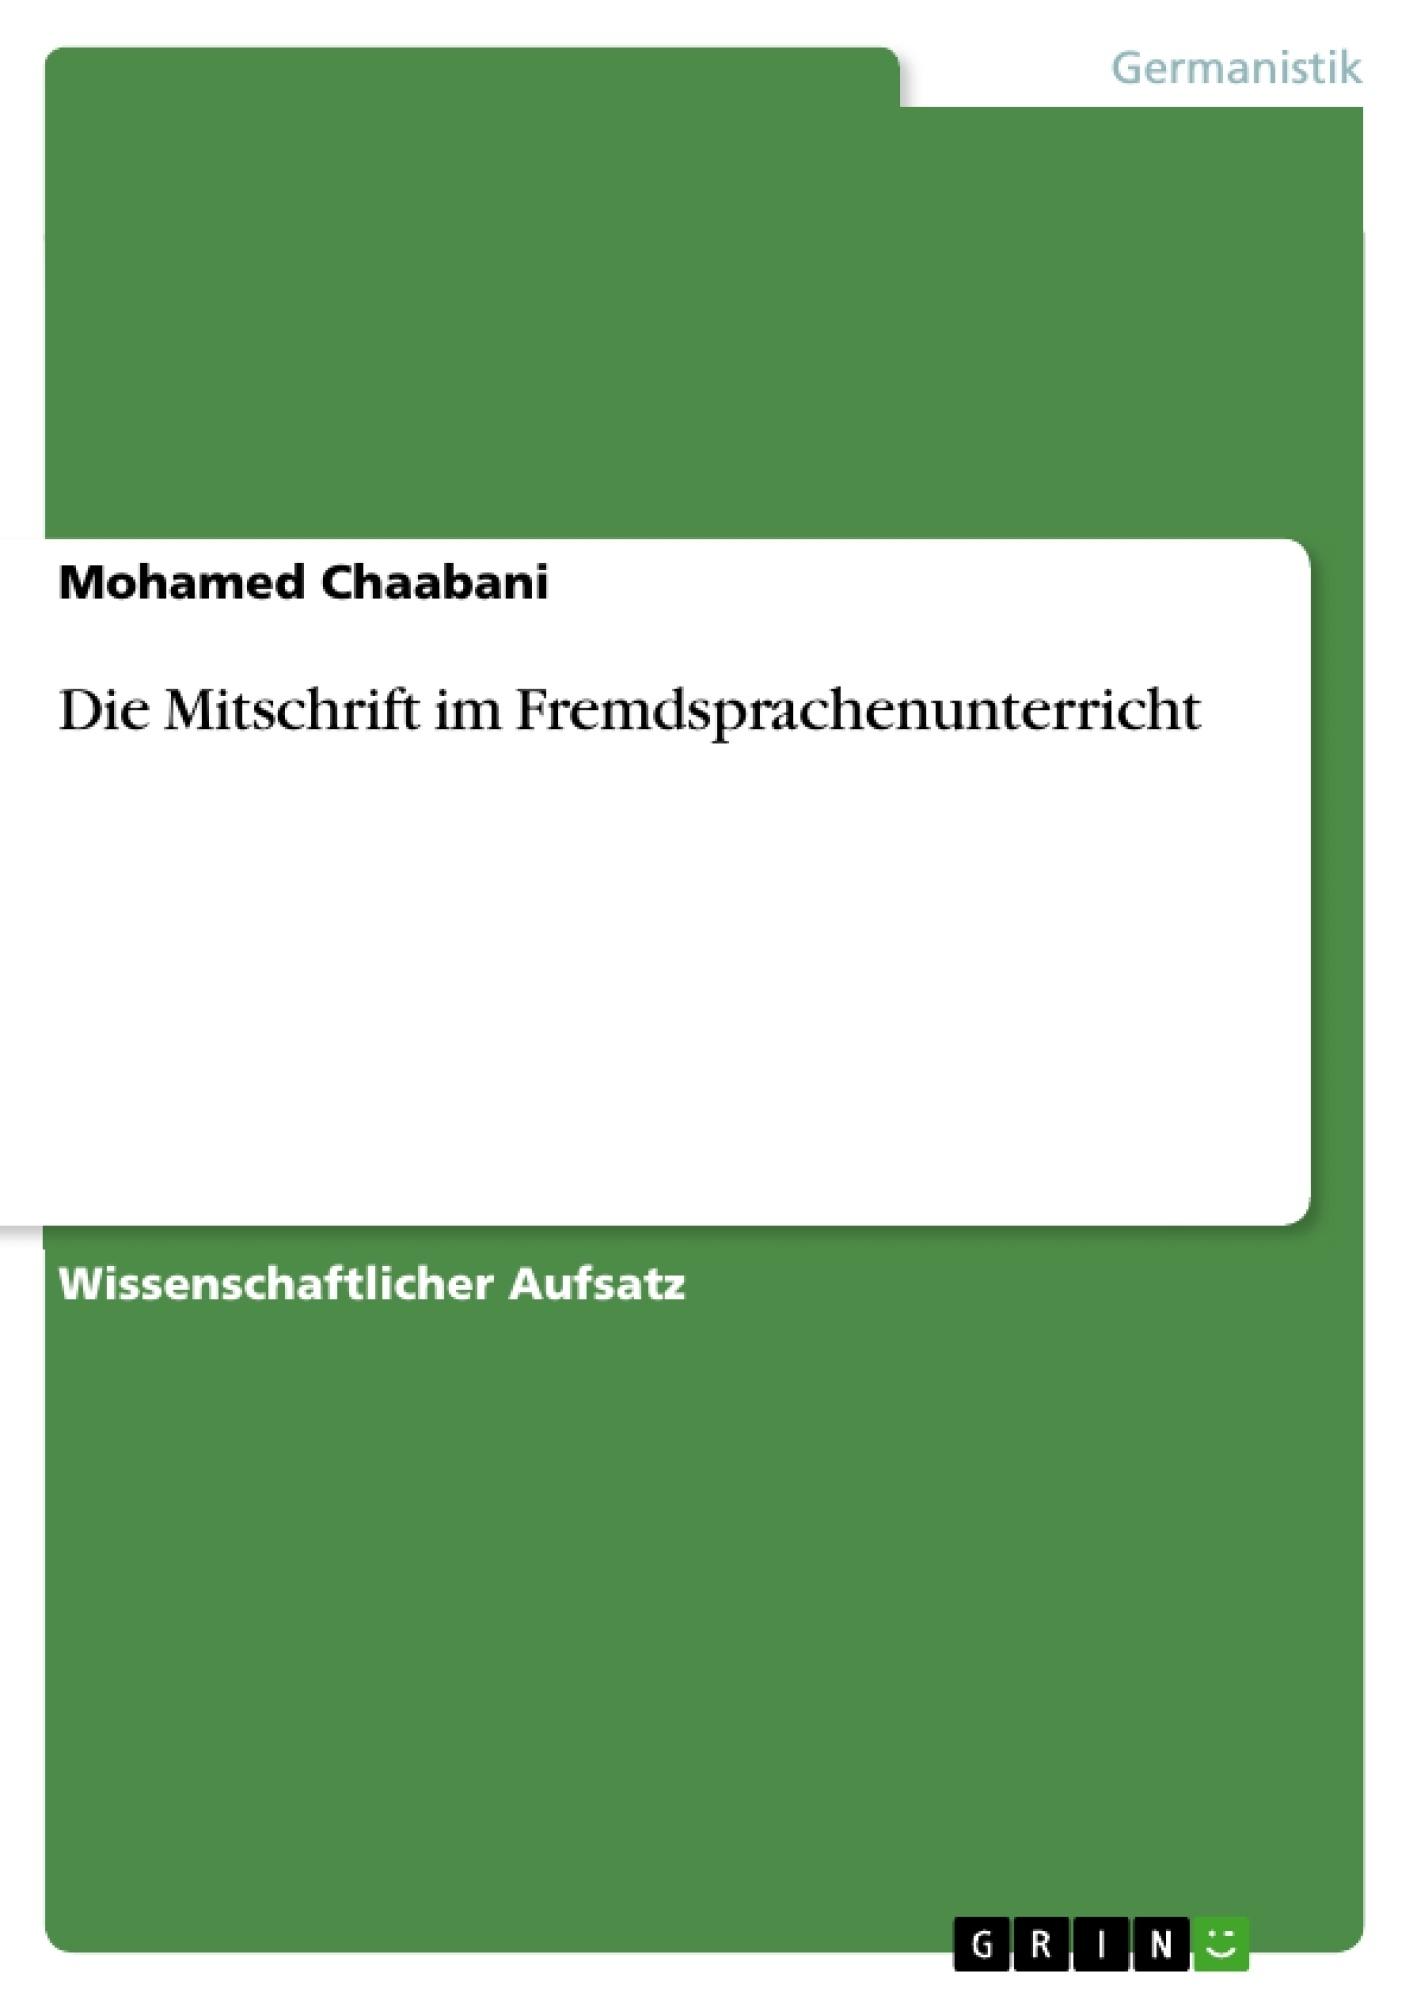 Titel: Die Mitschrift im Fremdsprachenunterricht